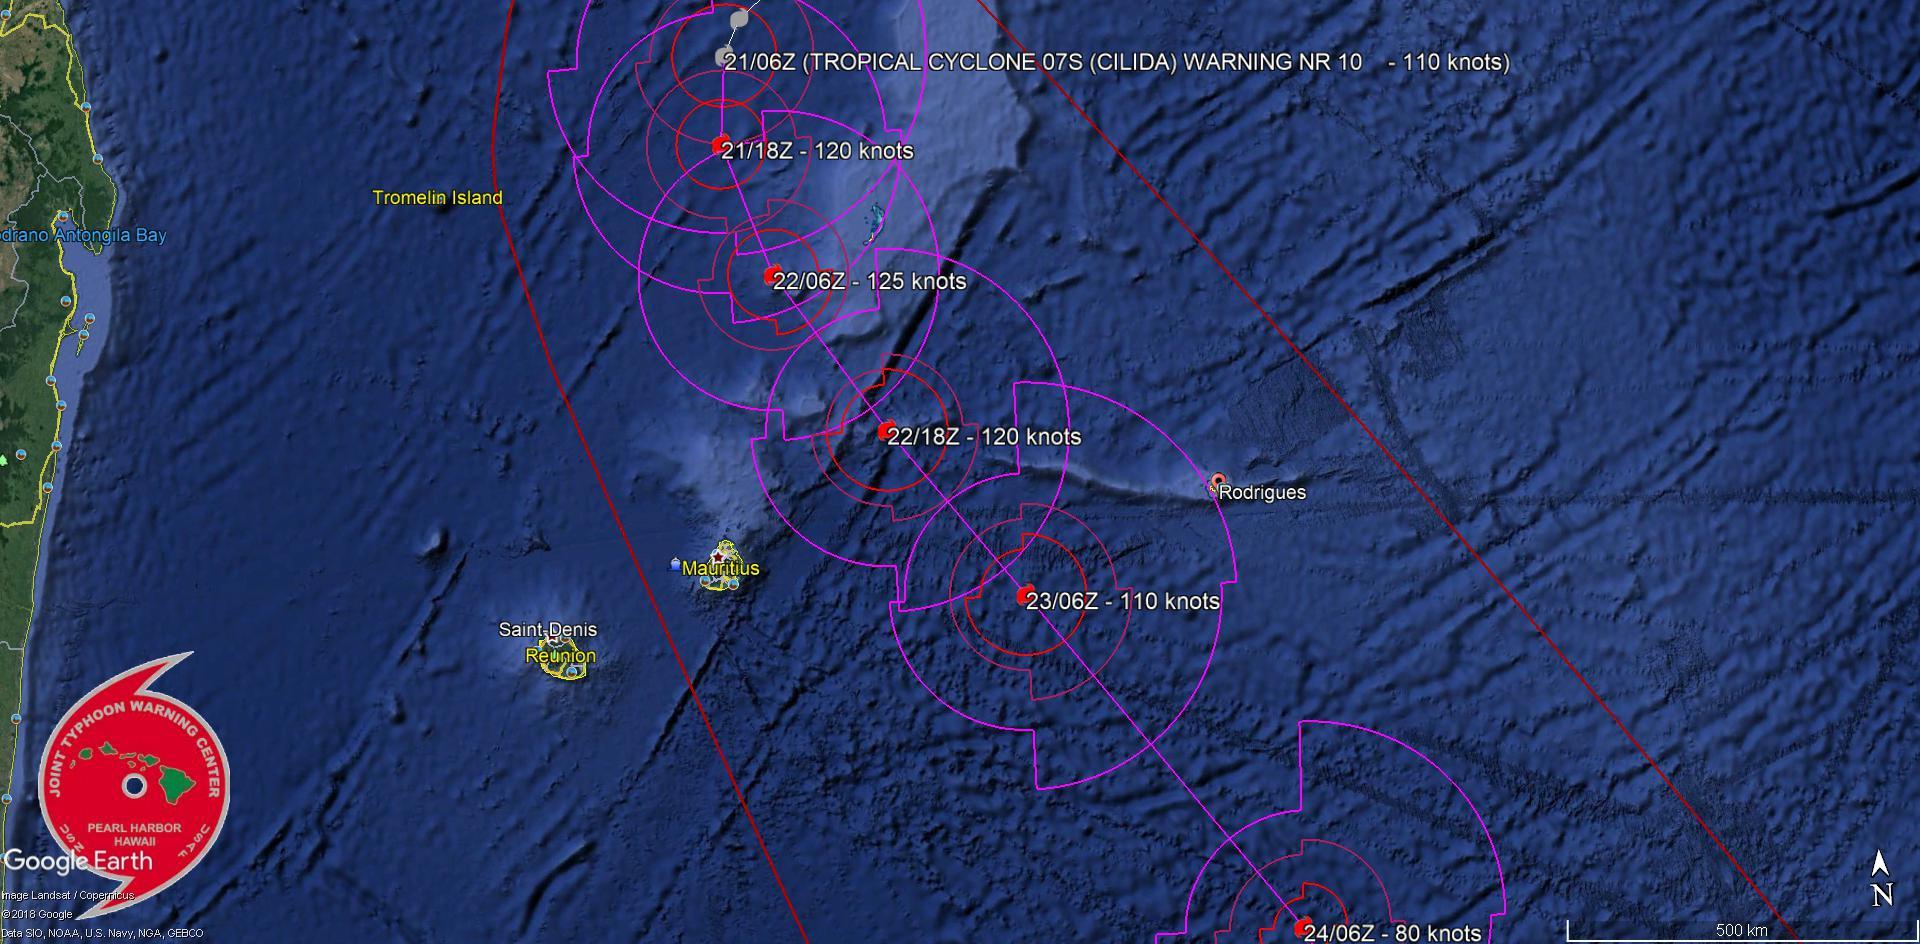 Cliquez sur l'image.Prévisions de trajectoire et d'intensité du JTWC(Navy US).